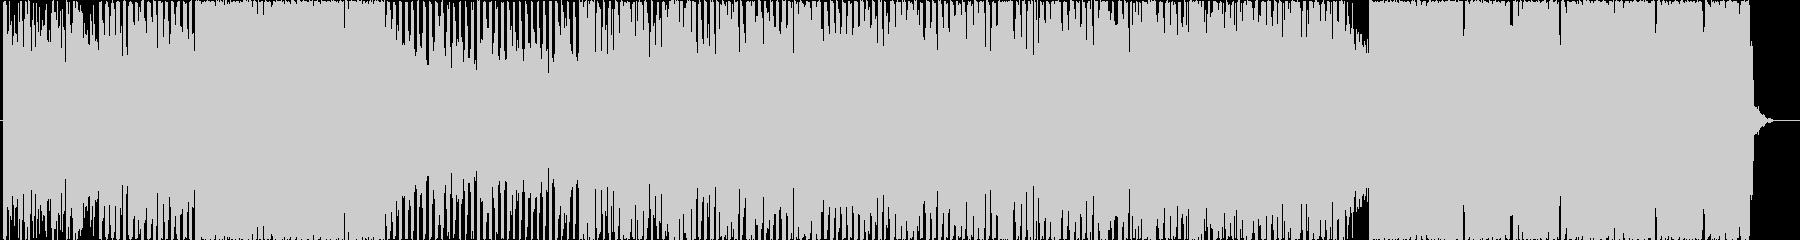 パズル・シューティングゲームBGMの未再生の波形